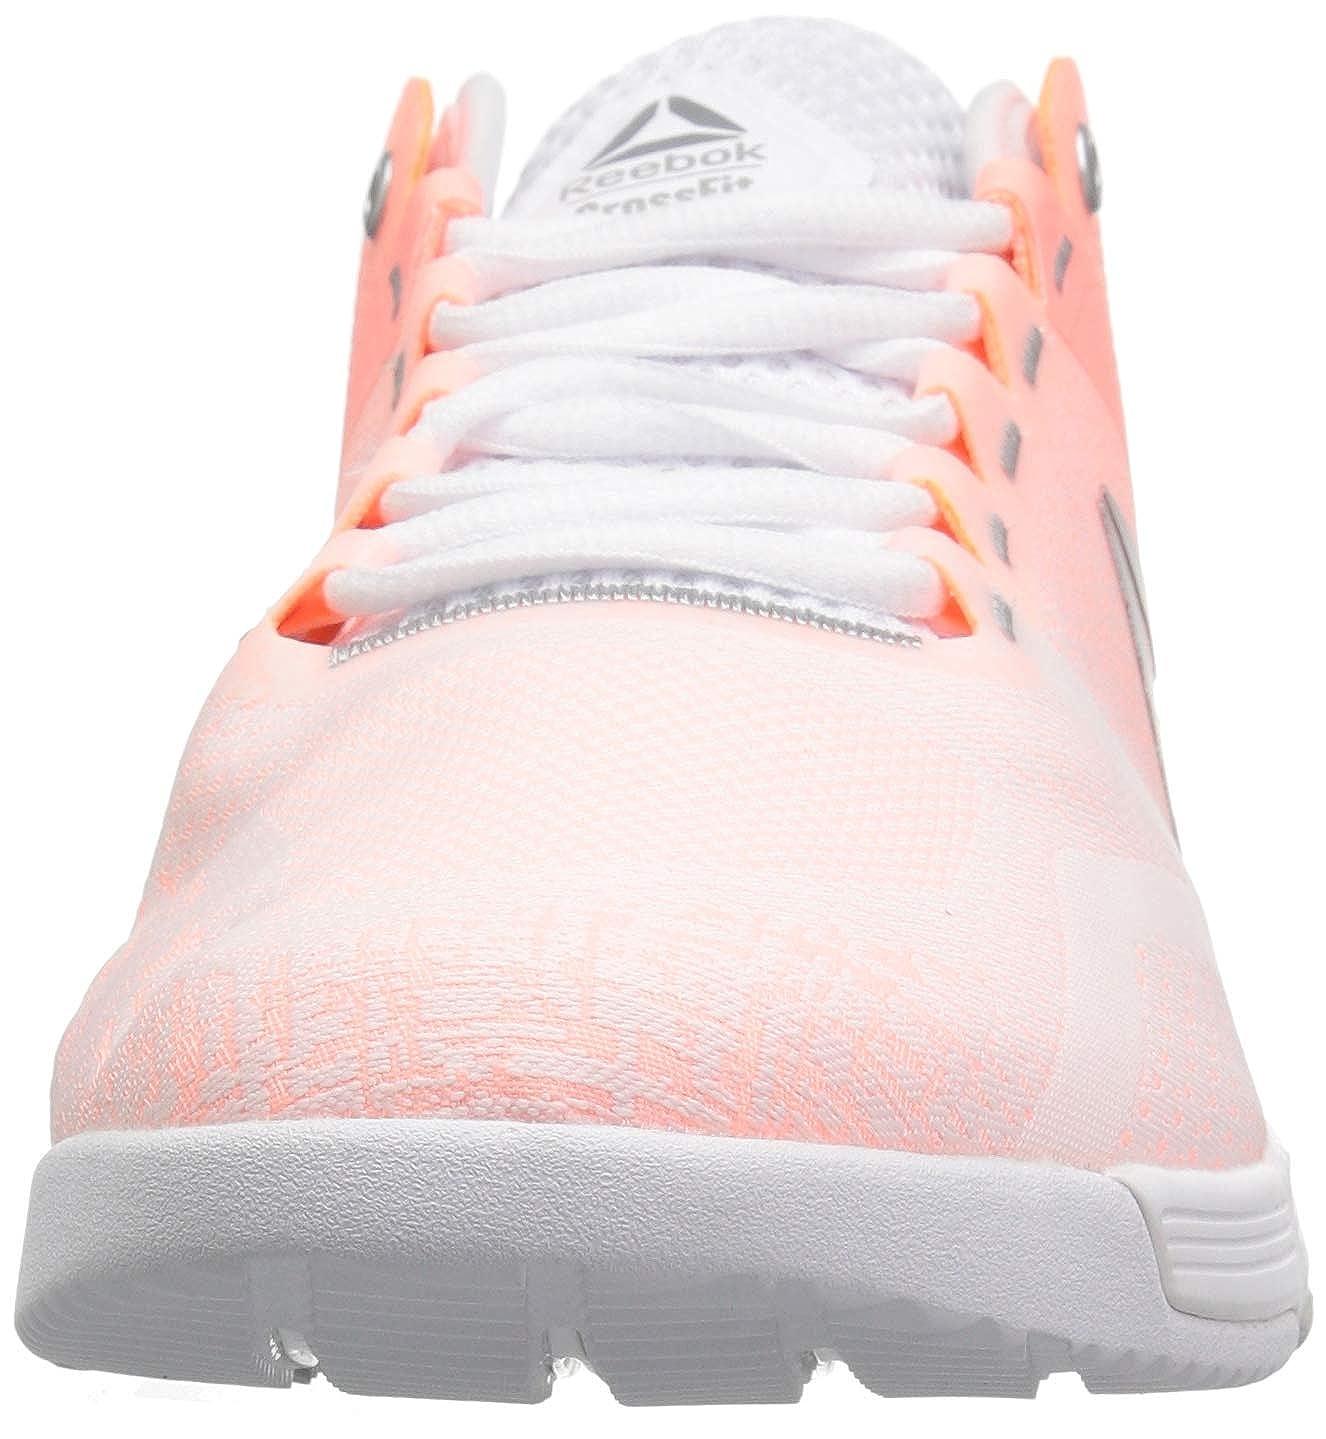 Zapatos para Pista para Mujer Reebok Crossfit Grace TR